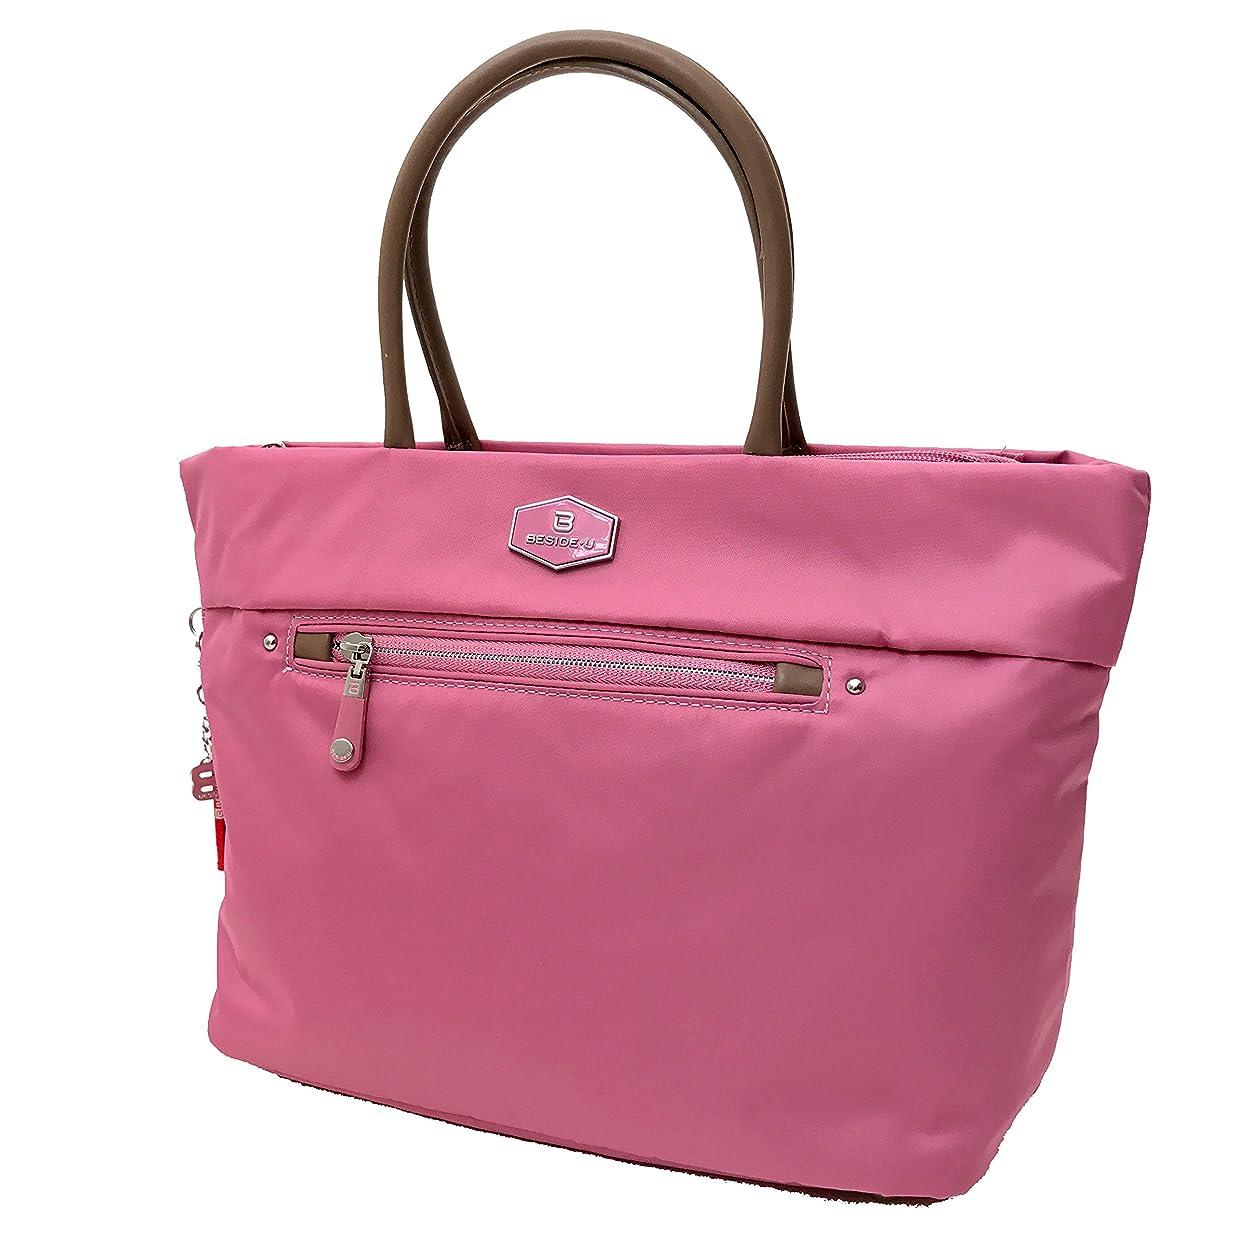 温かい操作可能編集する(ビサイユ)Beside?U  トートバッグ レディース A4ファイル 通勤 ビジネス 超軽量 ナイロン 海外旅行 ビサイユ BPU-002 トートバッグ  ポケット たくさん バッグ (ピンク)